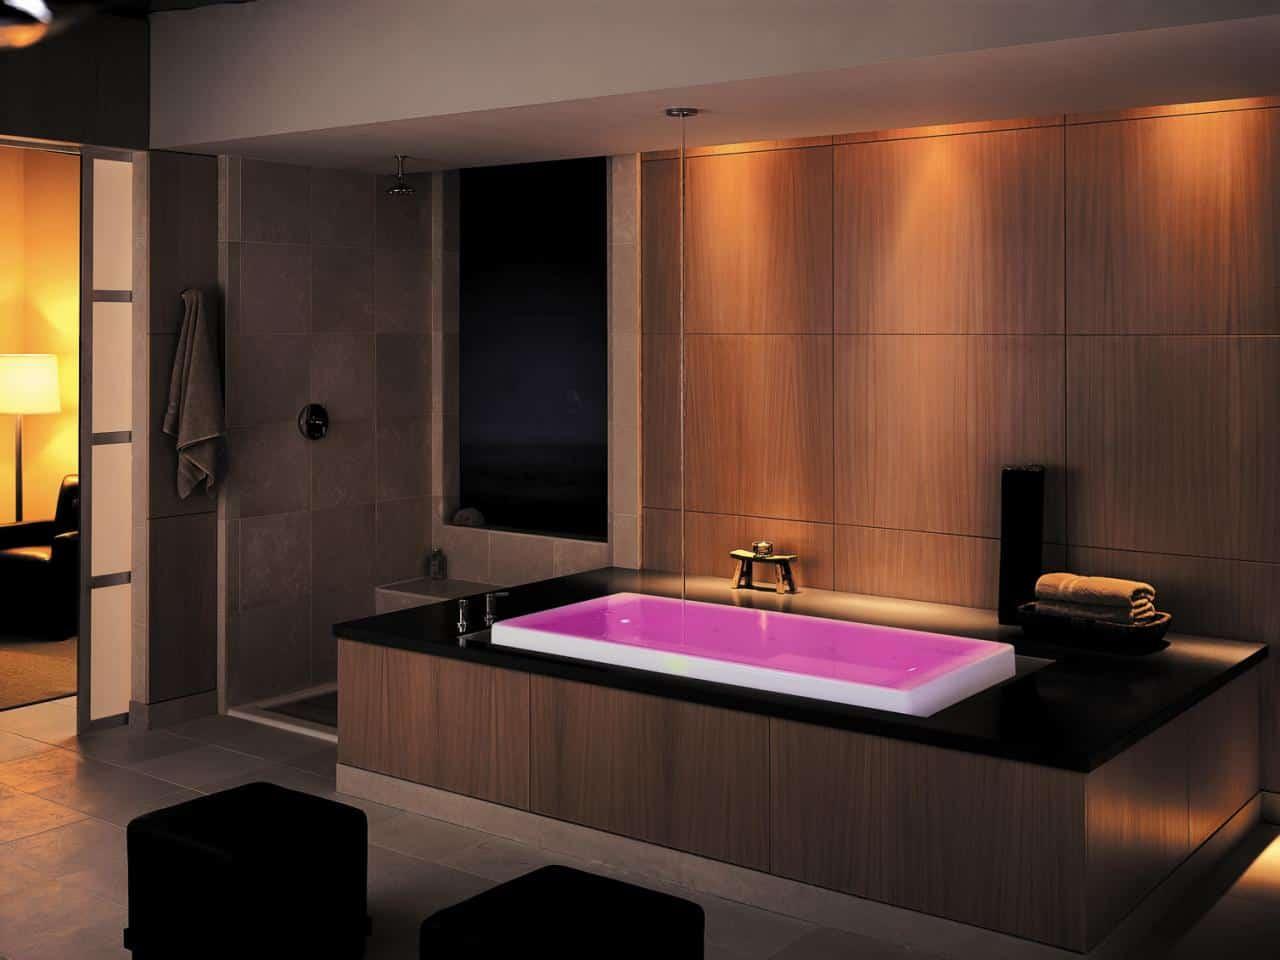 Conseils pour choisir la bonne baignoire pour la rénovation de votre salle de bain